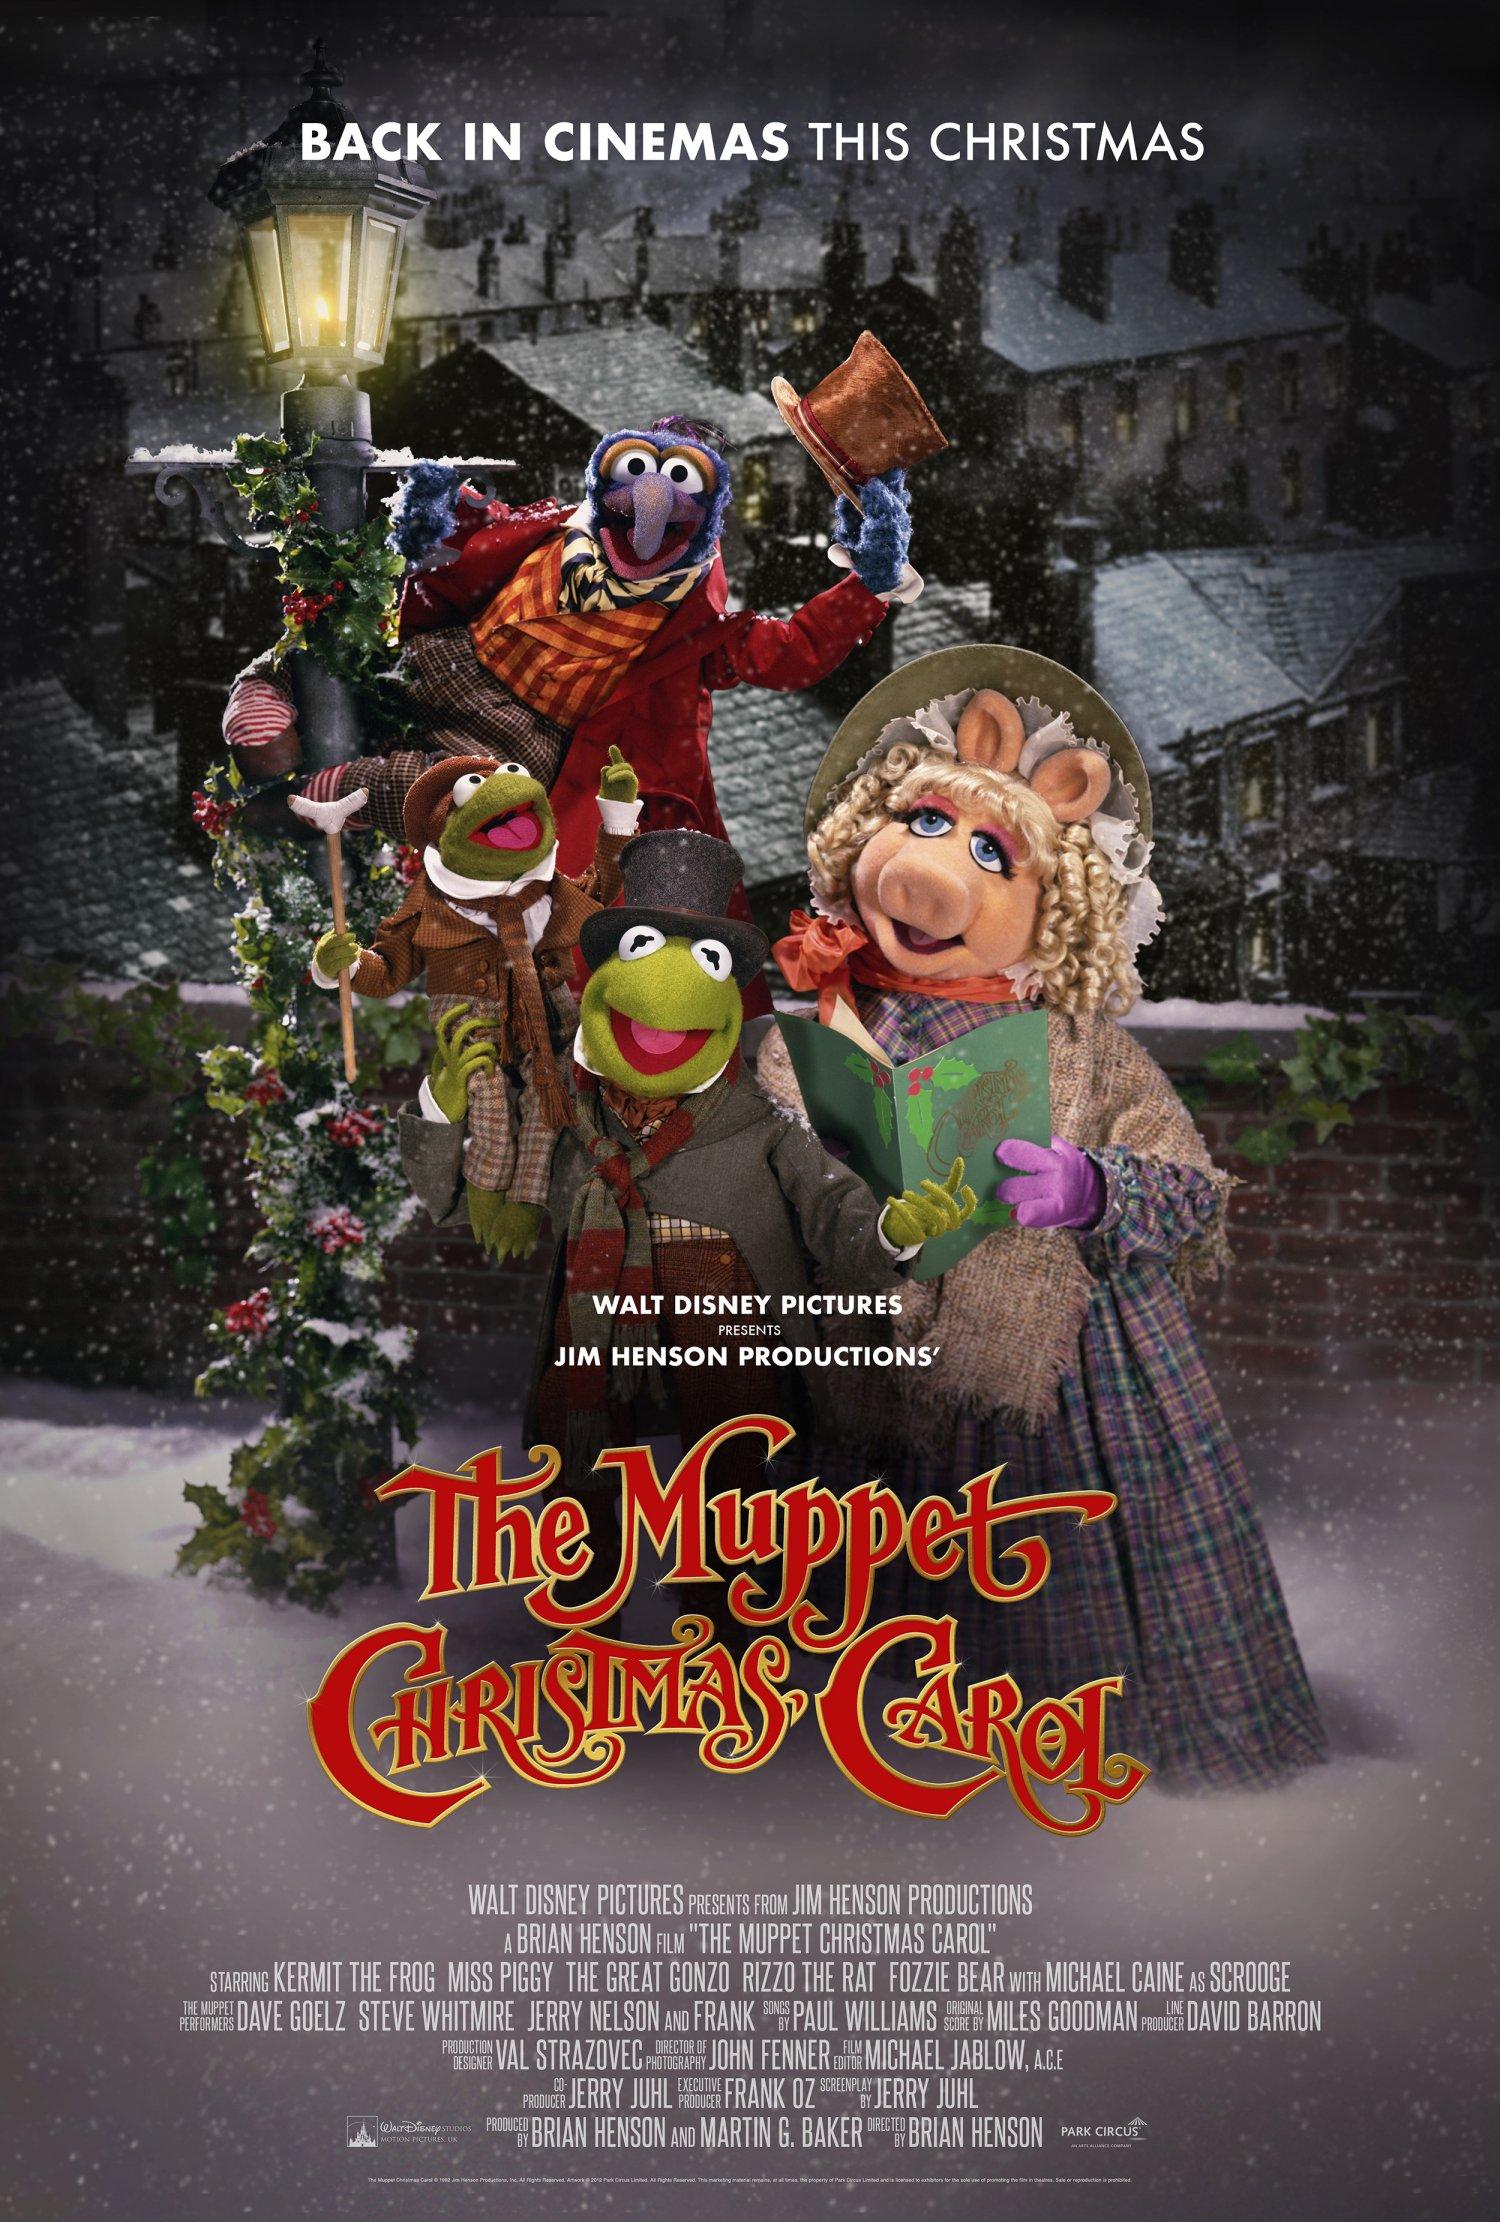 Christmas at disney - 3 6